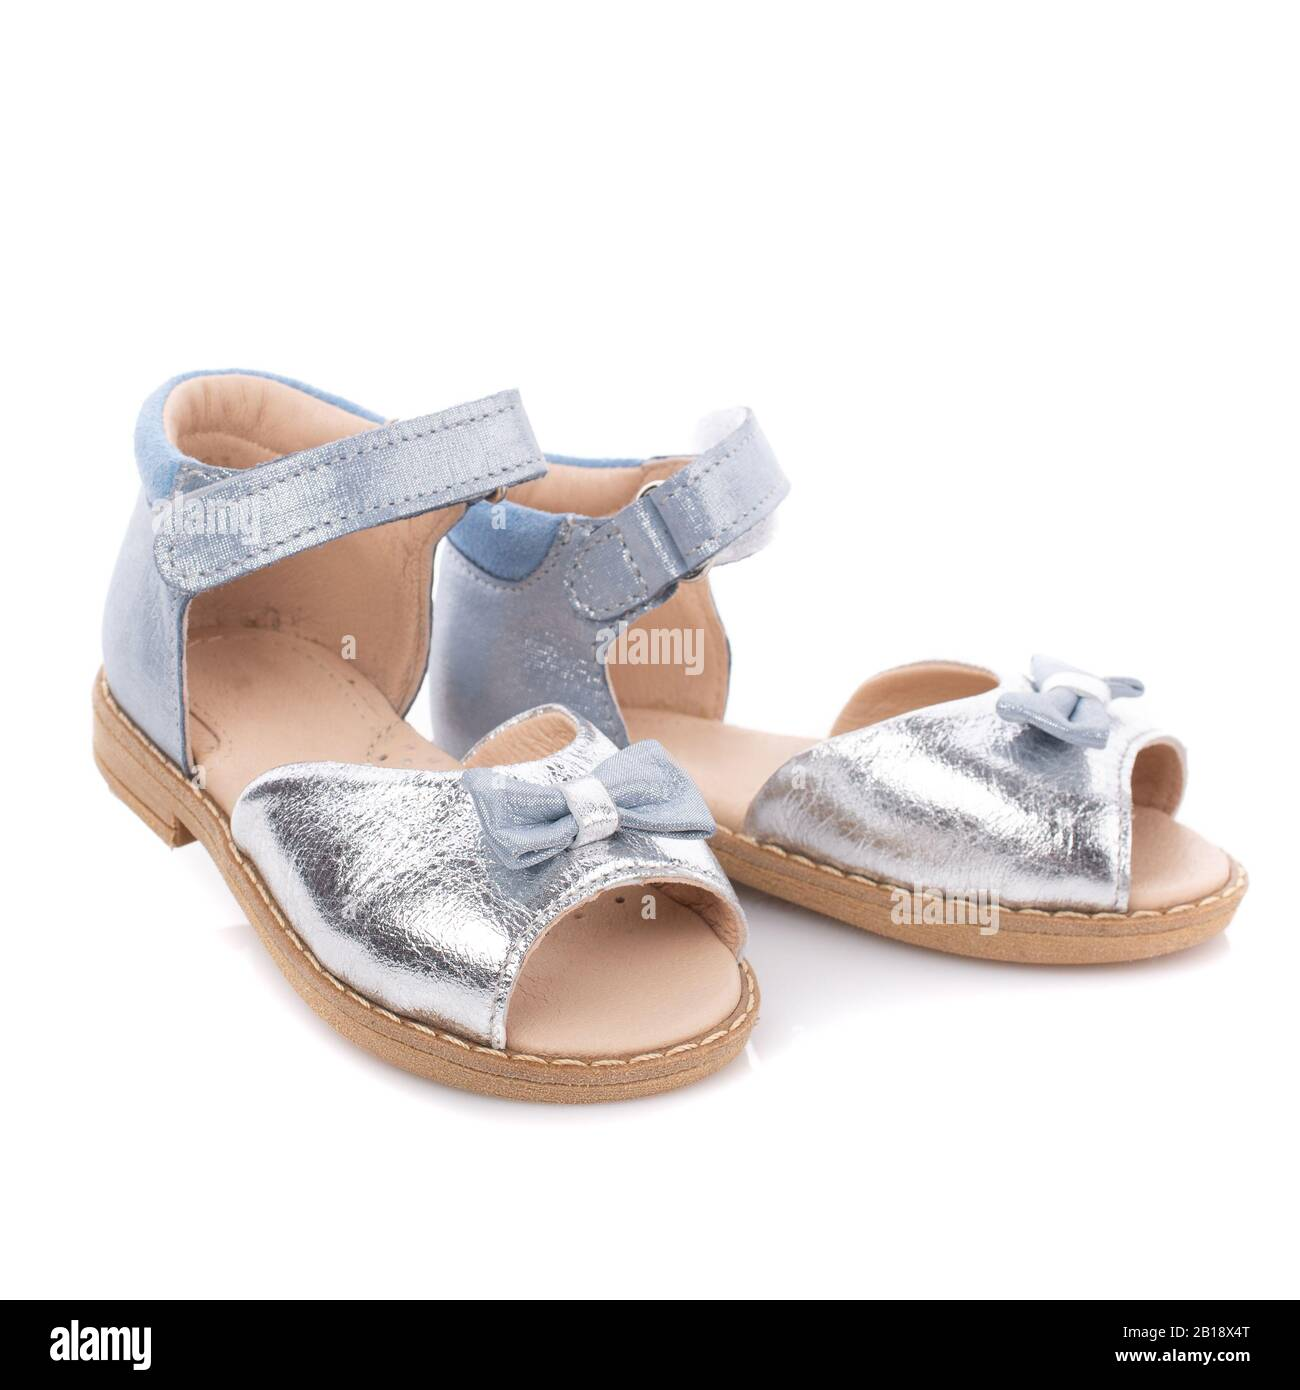 Silberne Sandalen Stockfotos und bilder Kaufen Alamy